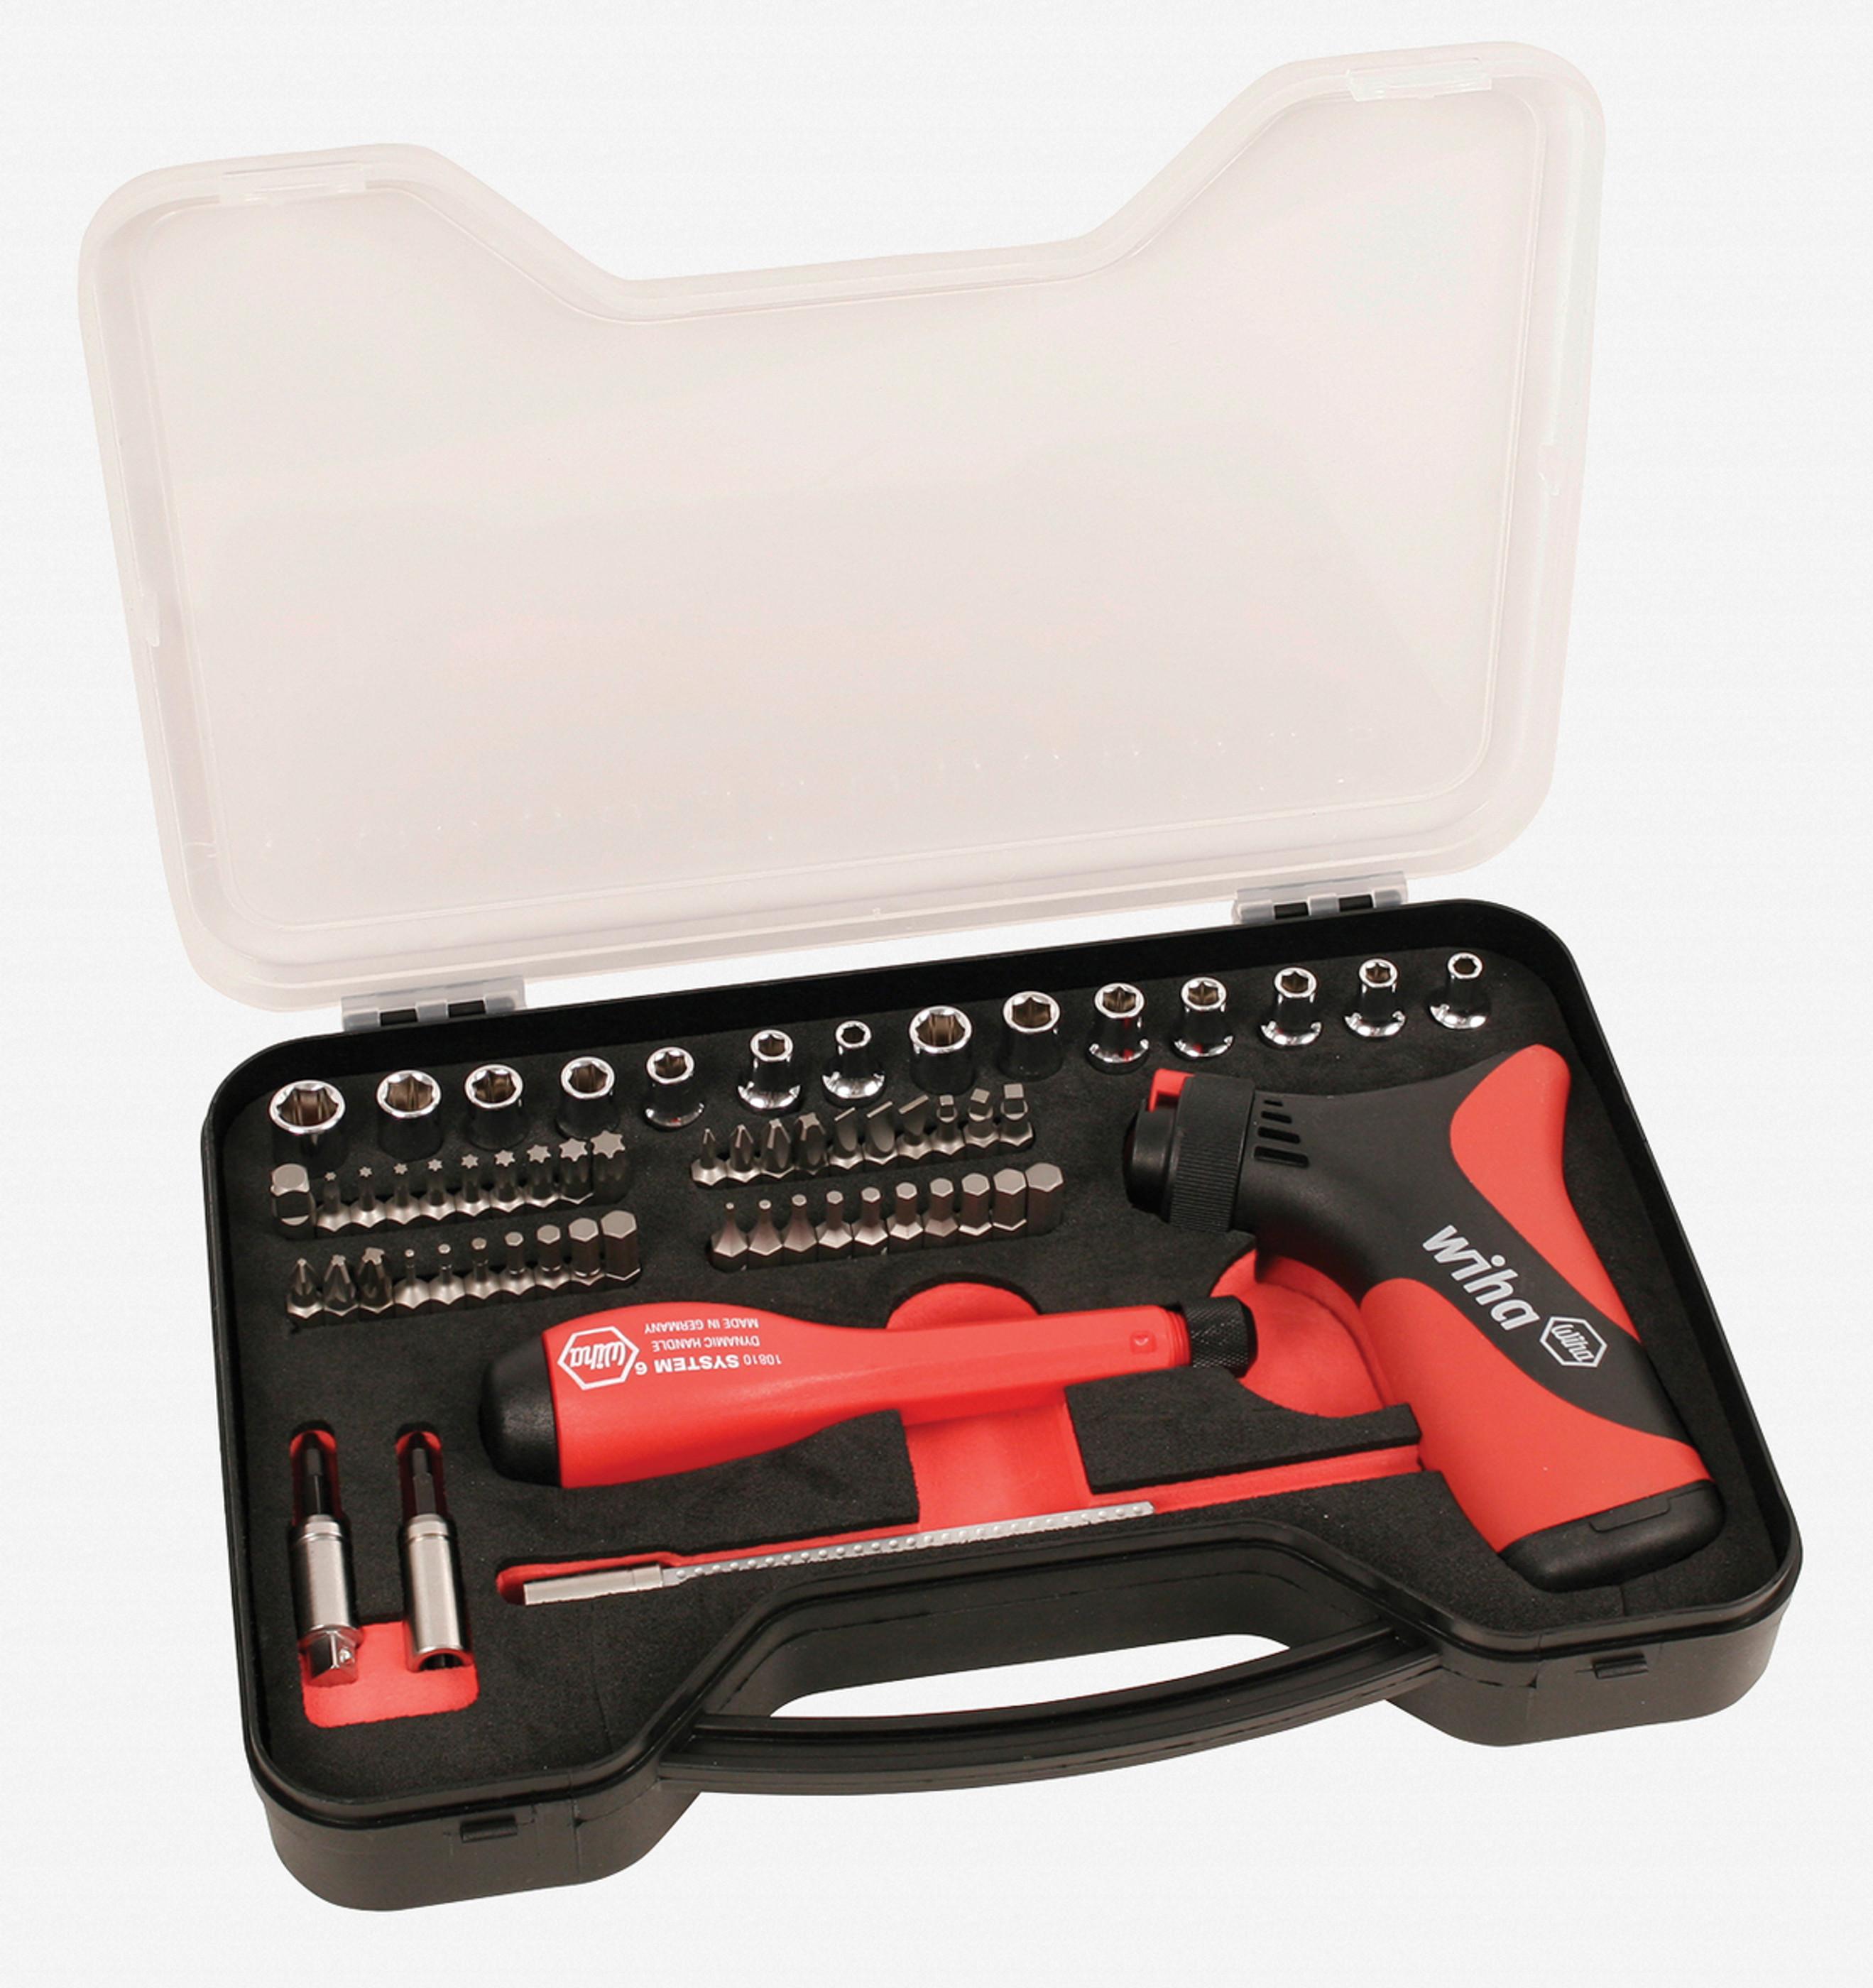 Wiha 28584 59 Piece 17.5 - 70 In/lbs Pistol Ratchet TorqueControl Set